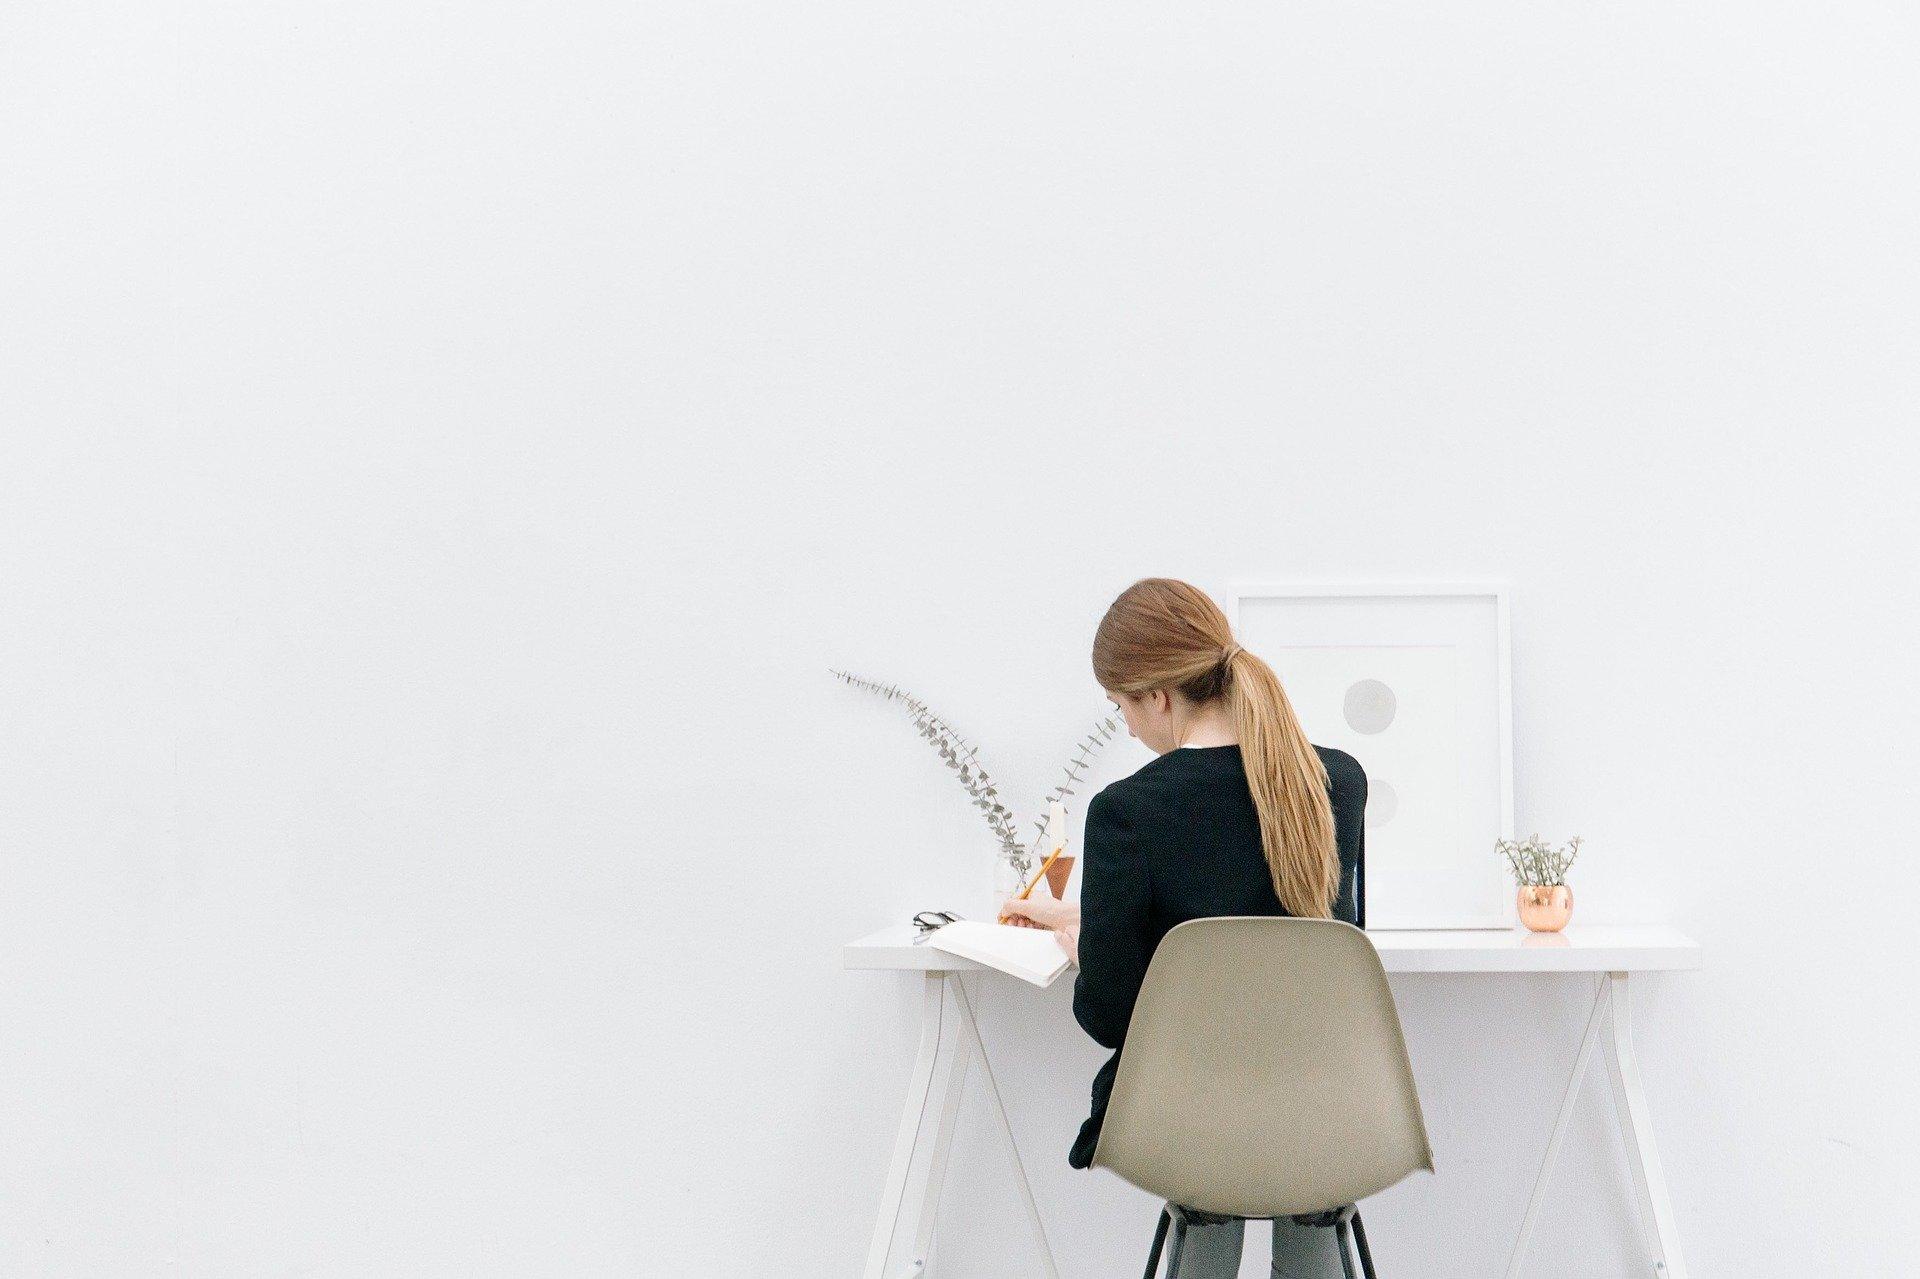 副業したい社会人女性必見 安全にできるおすすめの副業5選